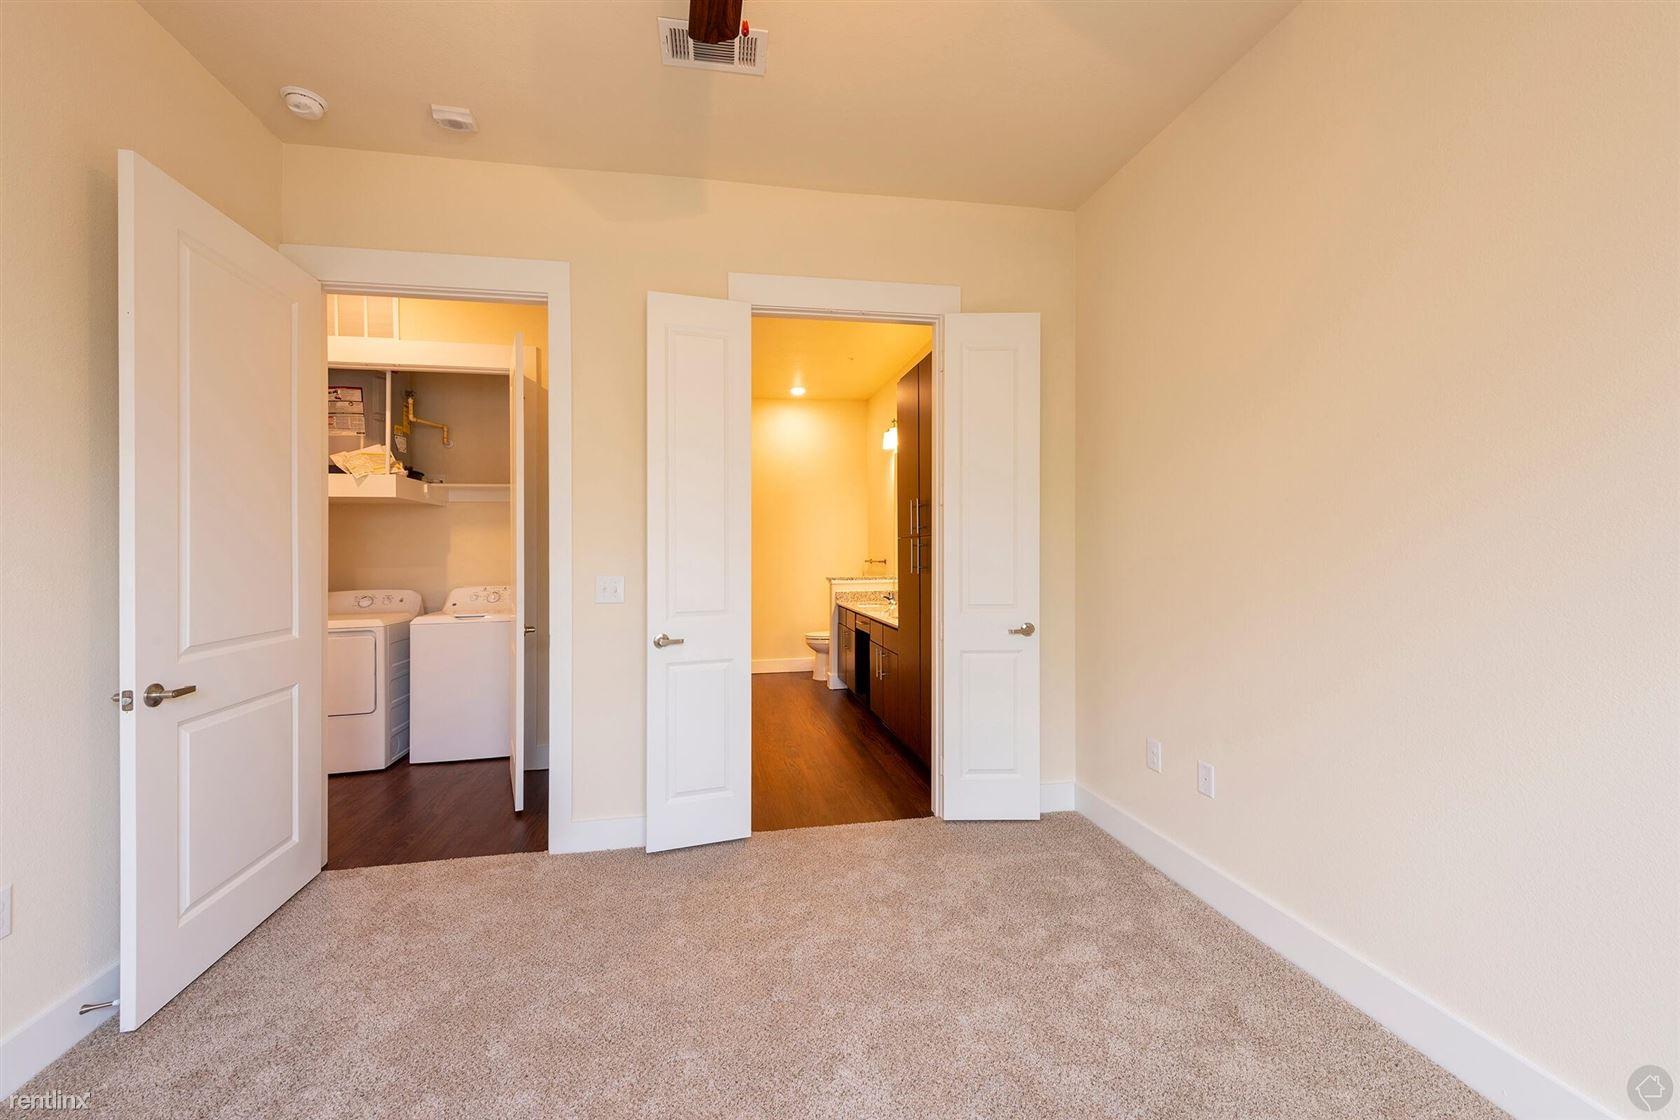 14928 Mueschke Rd, Cypress, TX - $1,900 USD/ month